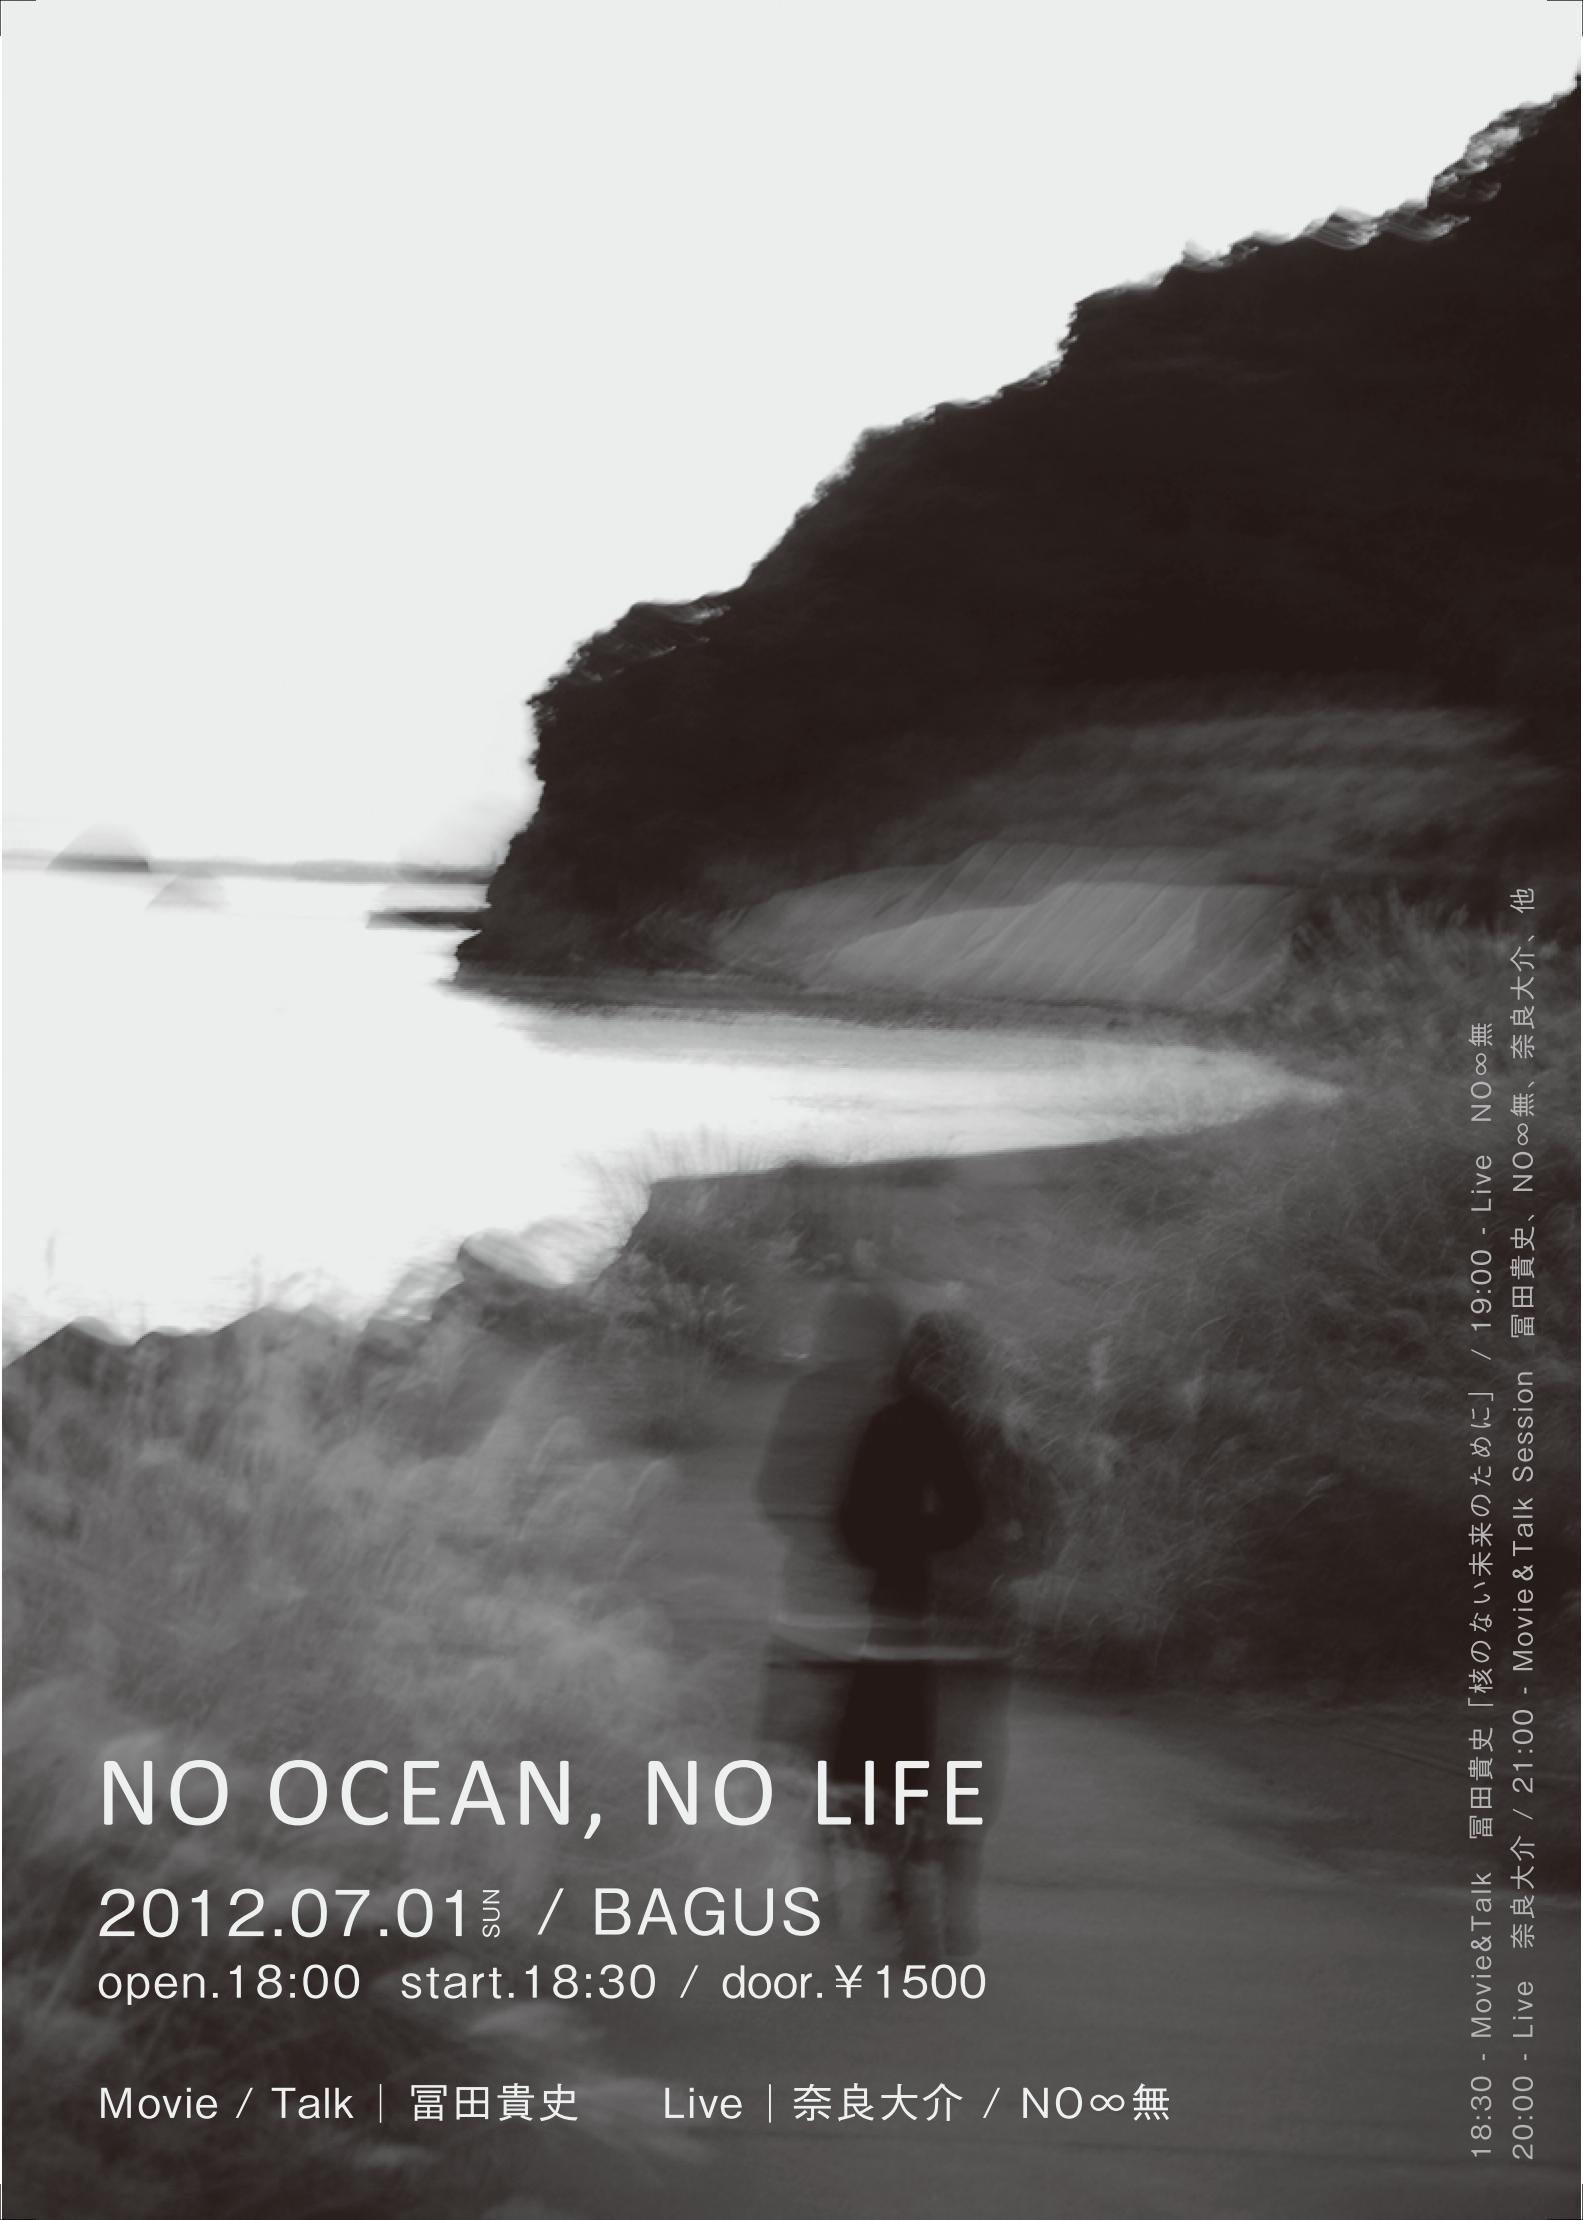 7月1日(日)「NO OCEAN , NO LIFE〜核のない未来を目指して〜」@BAGUS